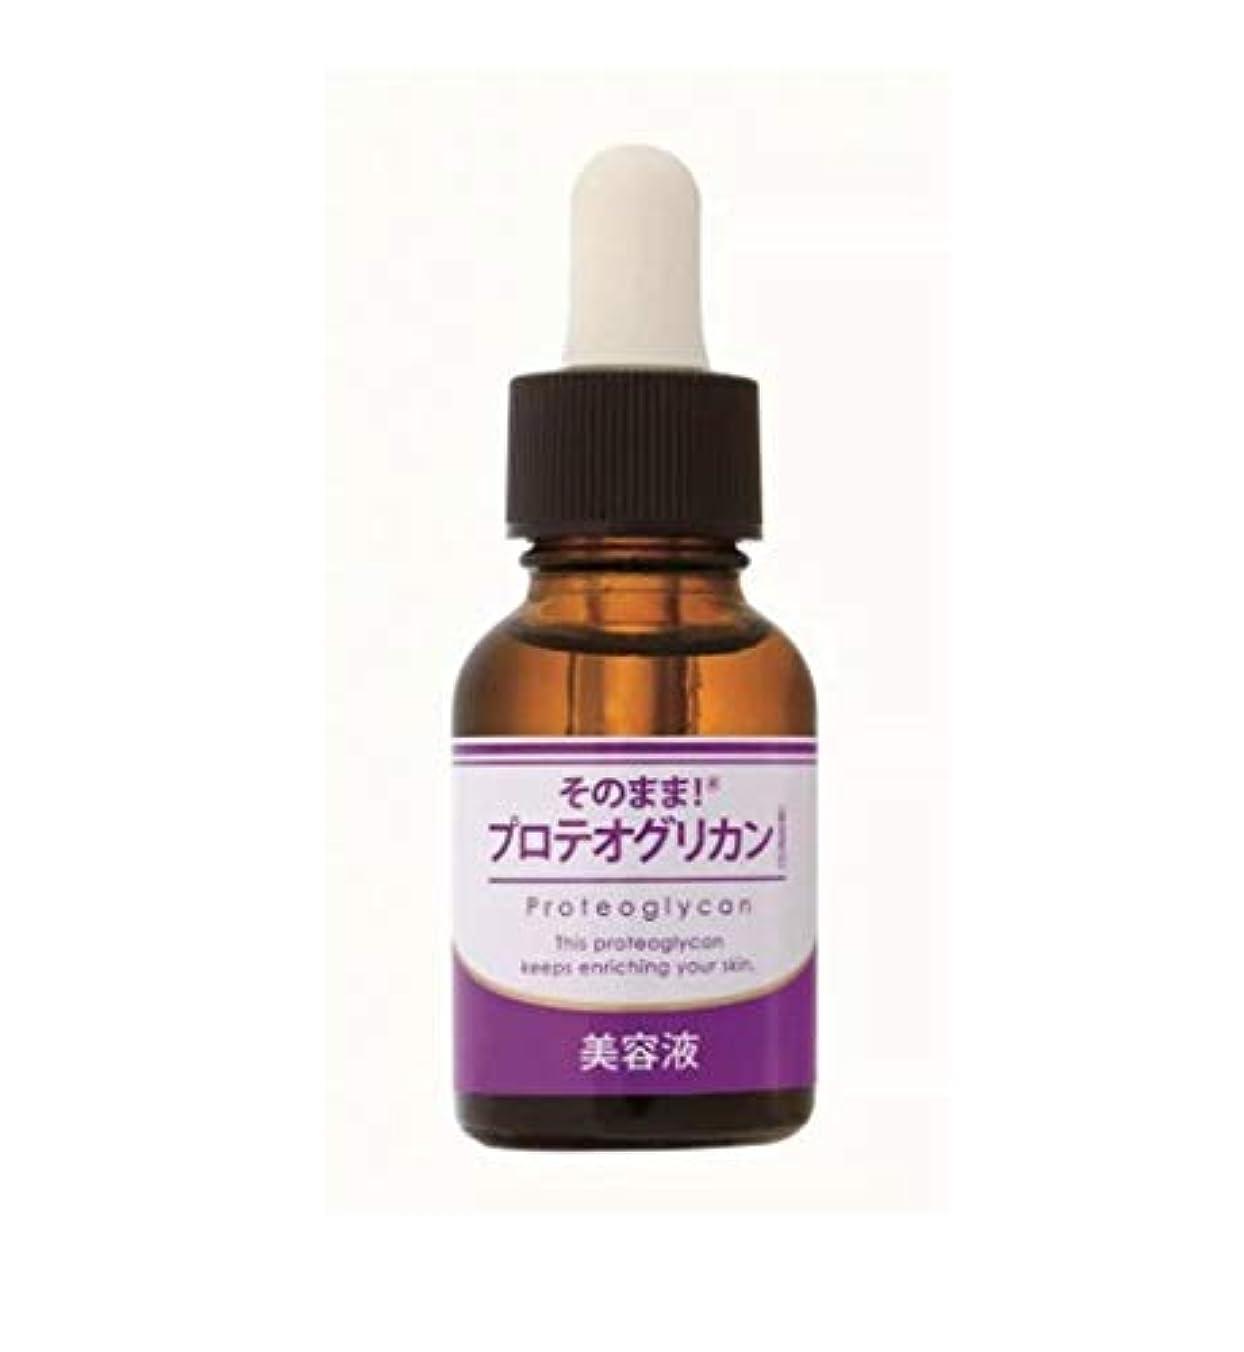 【日本製】そのまま! プロテオグリカン 20mLス美容液 スキンケア 肌 美肌 美容 潤い フェイスケア 国産